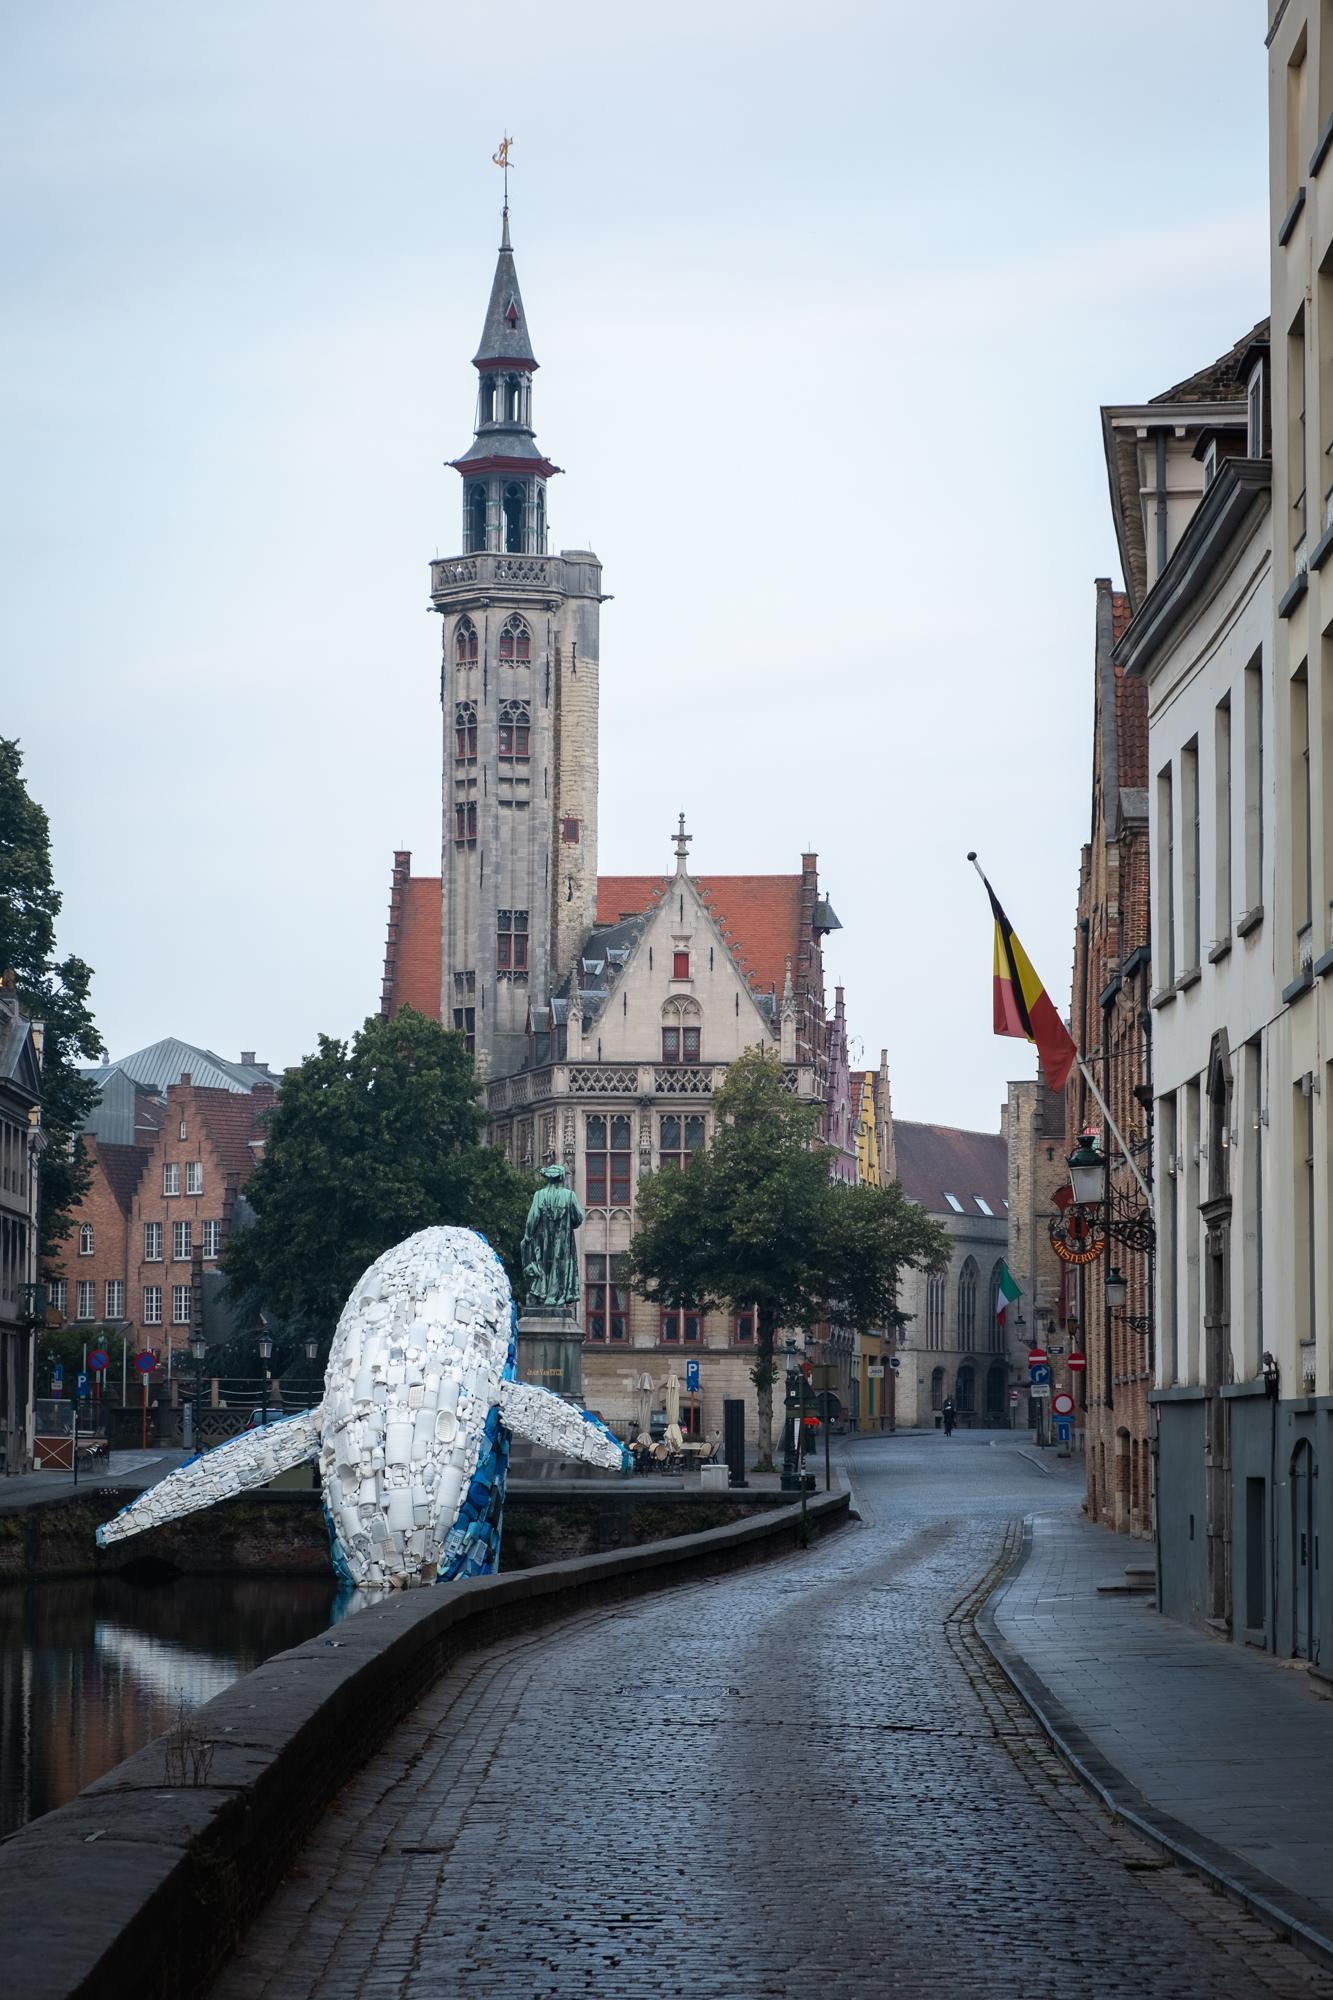 A photo of Poortersloge at Jan van Eyckplein in Bruges , Belgium taken by Trevor Sherwin